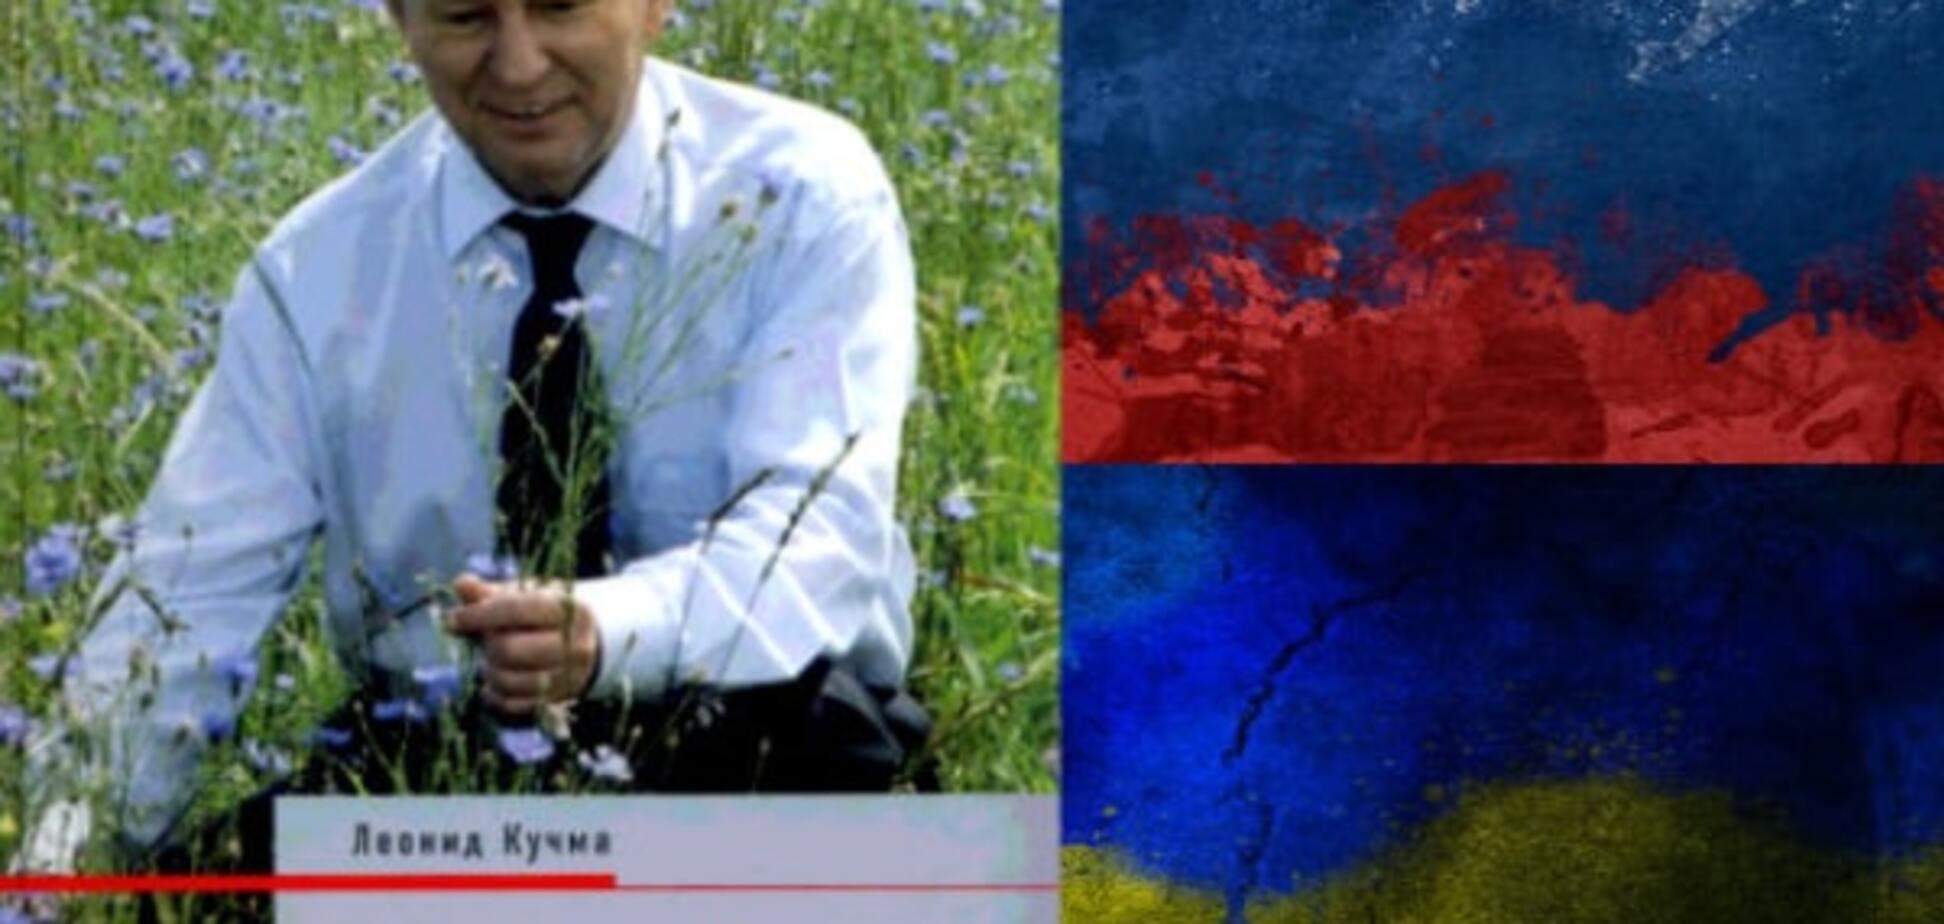 Мемуары политиков: неожиданные факты из книг Кучмы, Ющенко, Немцова и Клинтон